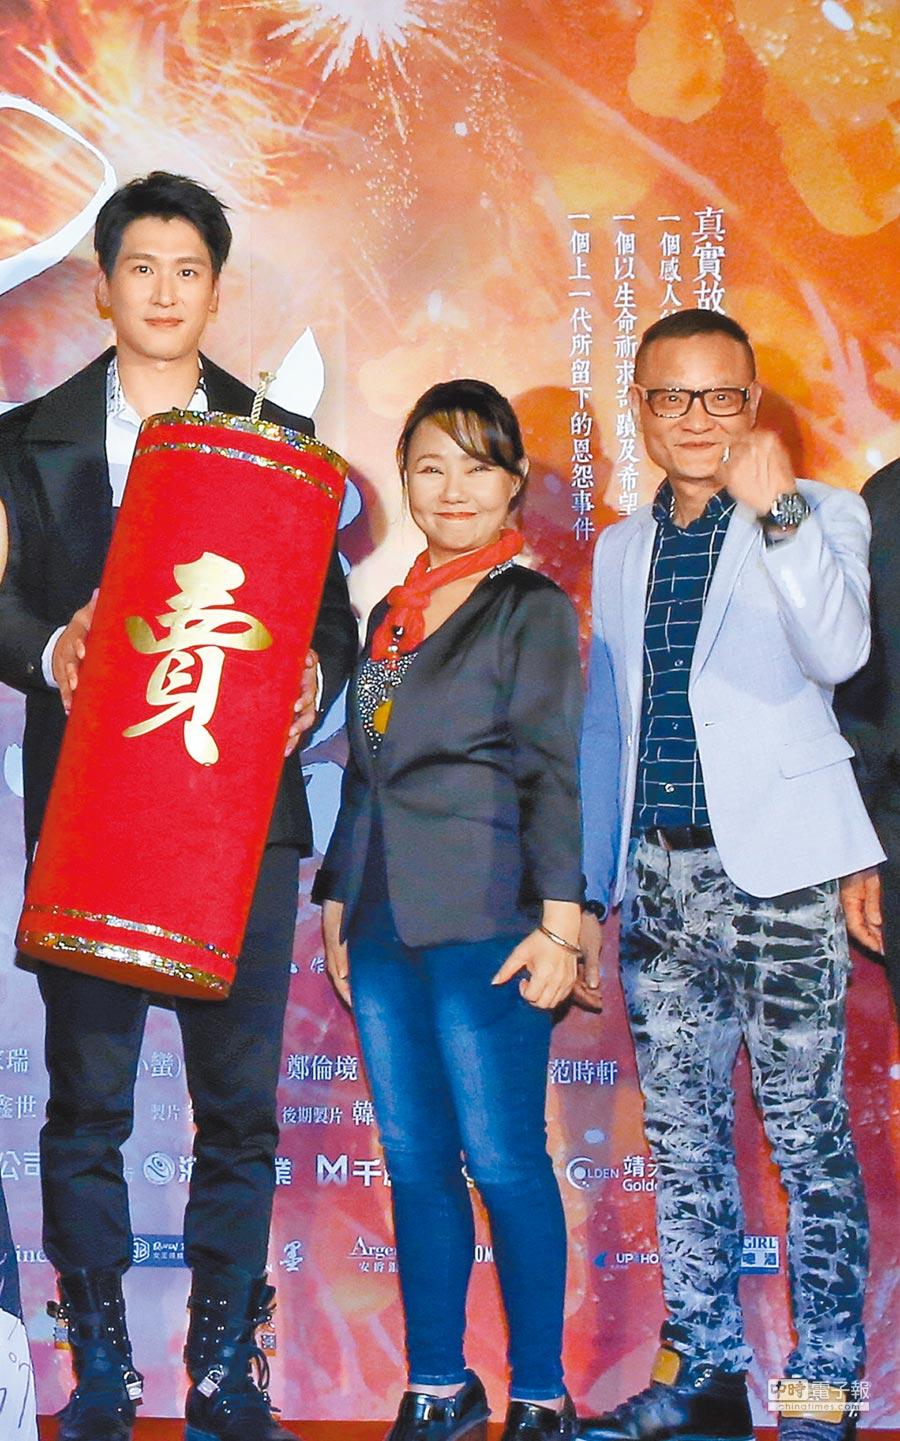 呂雪鳳(中)昨力讚邵翔(左)演出實力,鄭倫境因延遲上映感到抱歉。(粘耿豪攝)